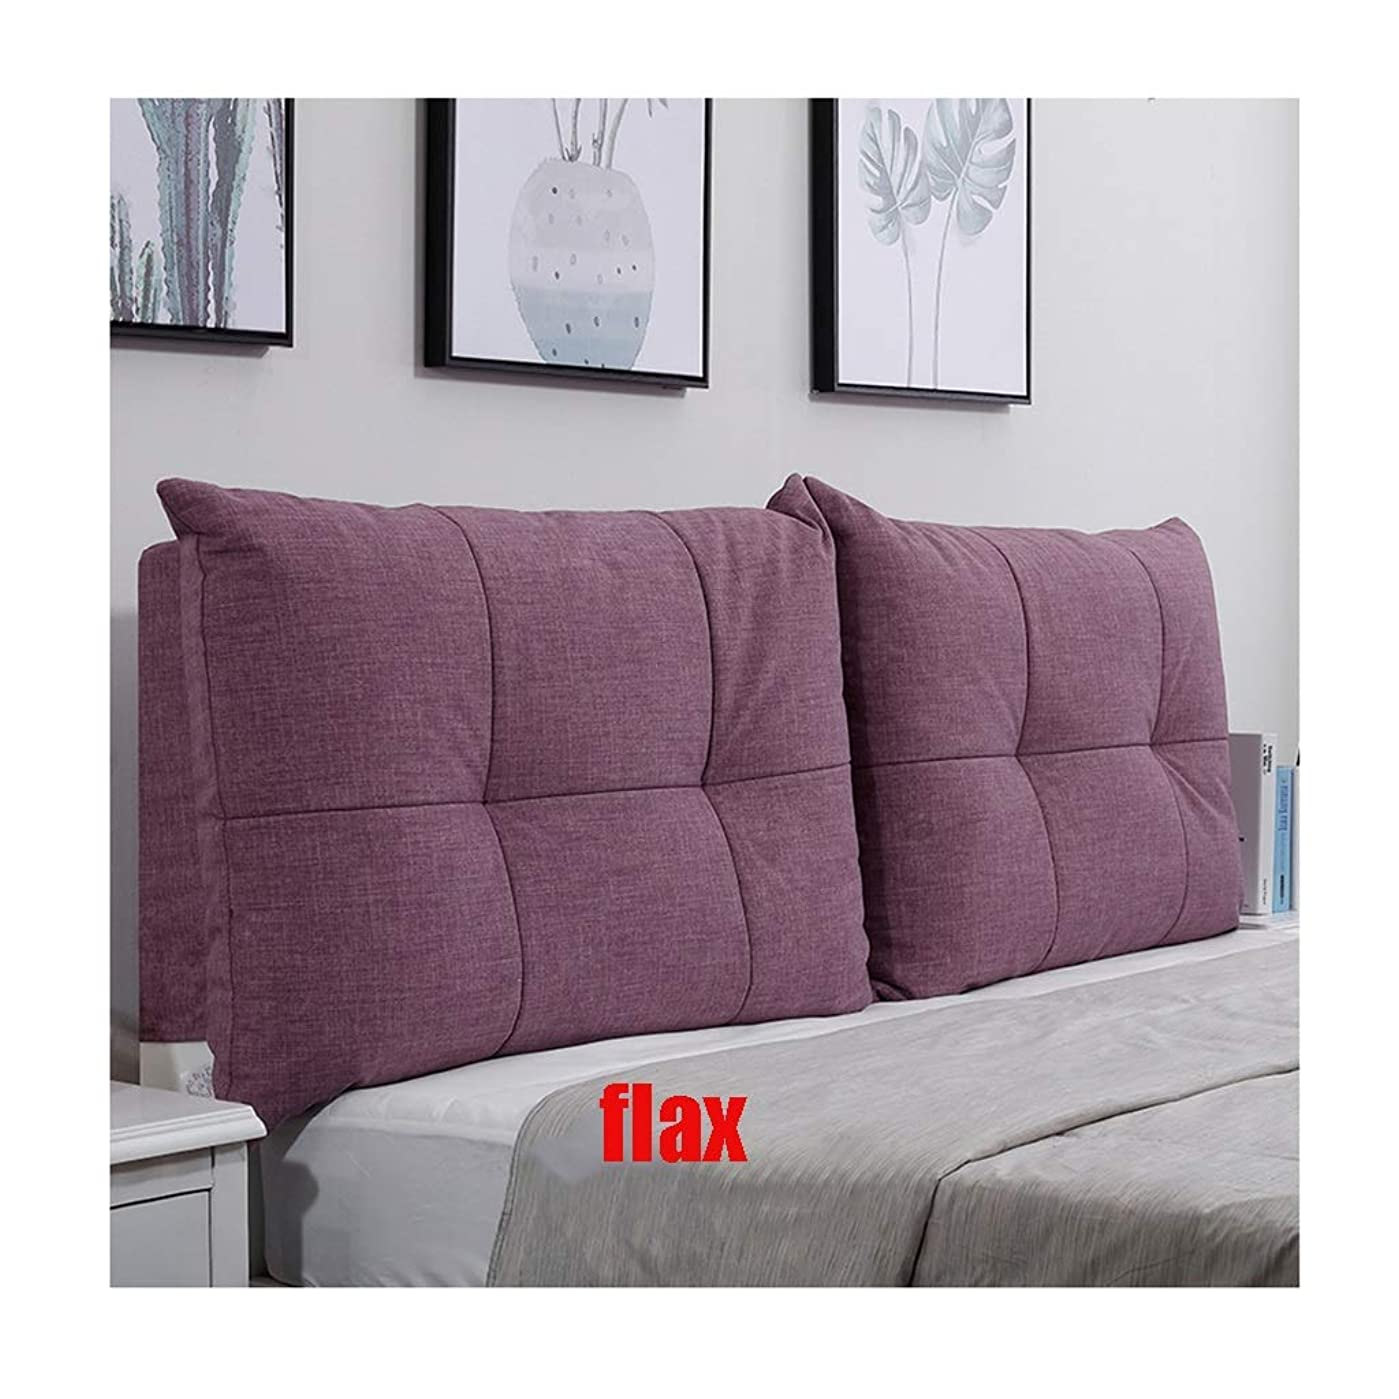 一般化するフラフープショルダーベッドの背もたれクッションヘッドボード付き/なし亜麻スポンジ裏地サポート枕簡単に変形しない取り外し可能および洗えるダブルベッド (Color : 9, Size : 150x60cm)